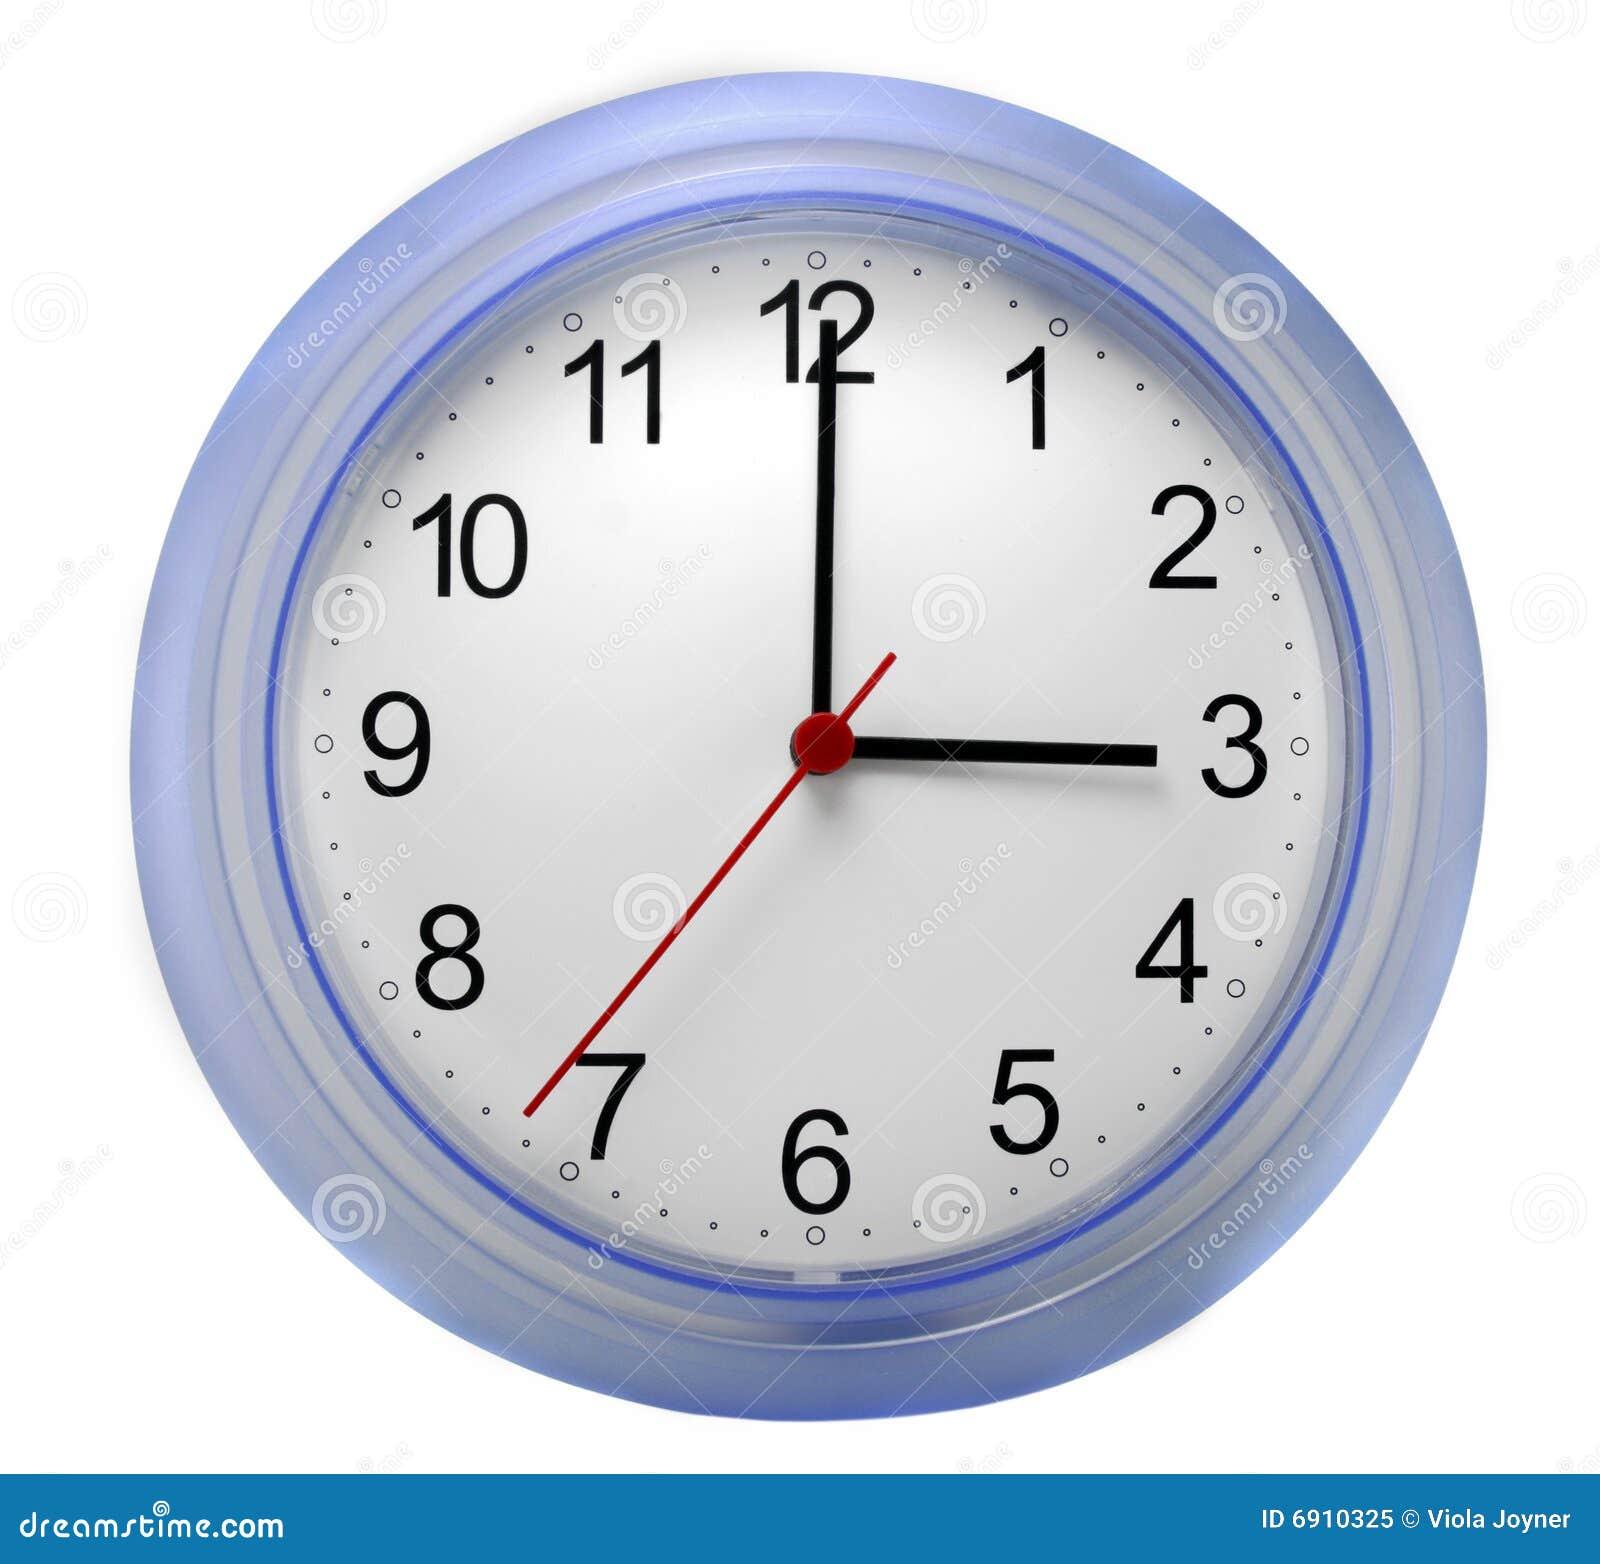 Reloj de pared foto de archivo libre de regal as imagen - Relojes rusticos de pared ...